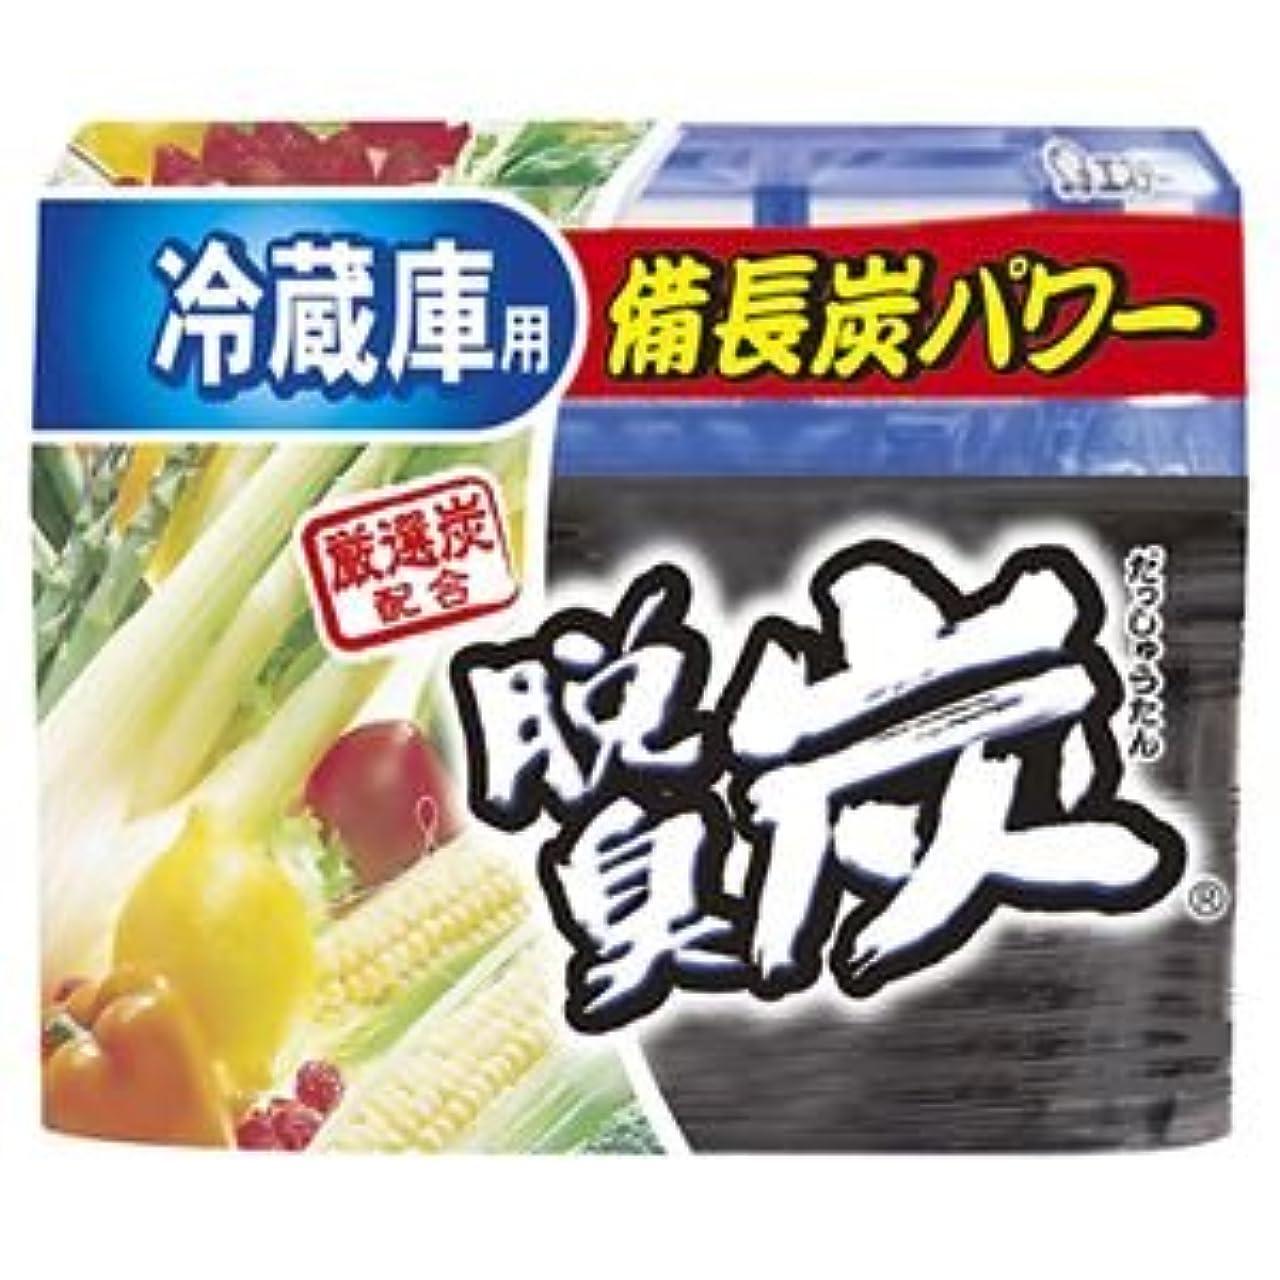 旋回バッジ伝導率(まとめ) エステー 脱臭炭 冷蔵庫用 140g 1セット(3個) 【×4セット】 〈簡易梱包